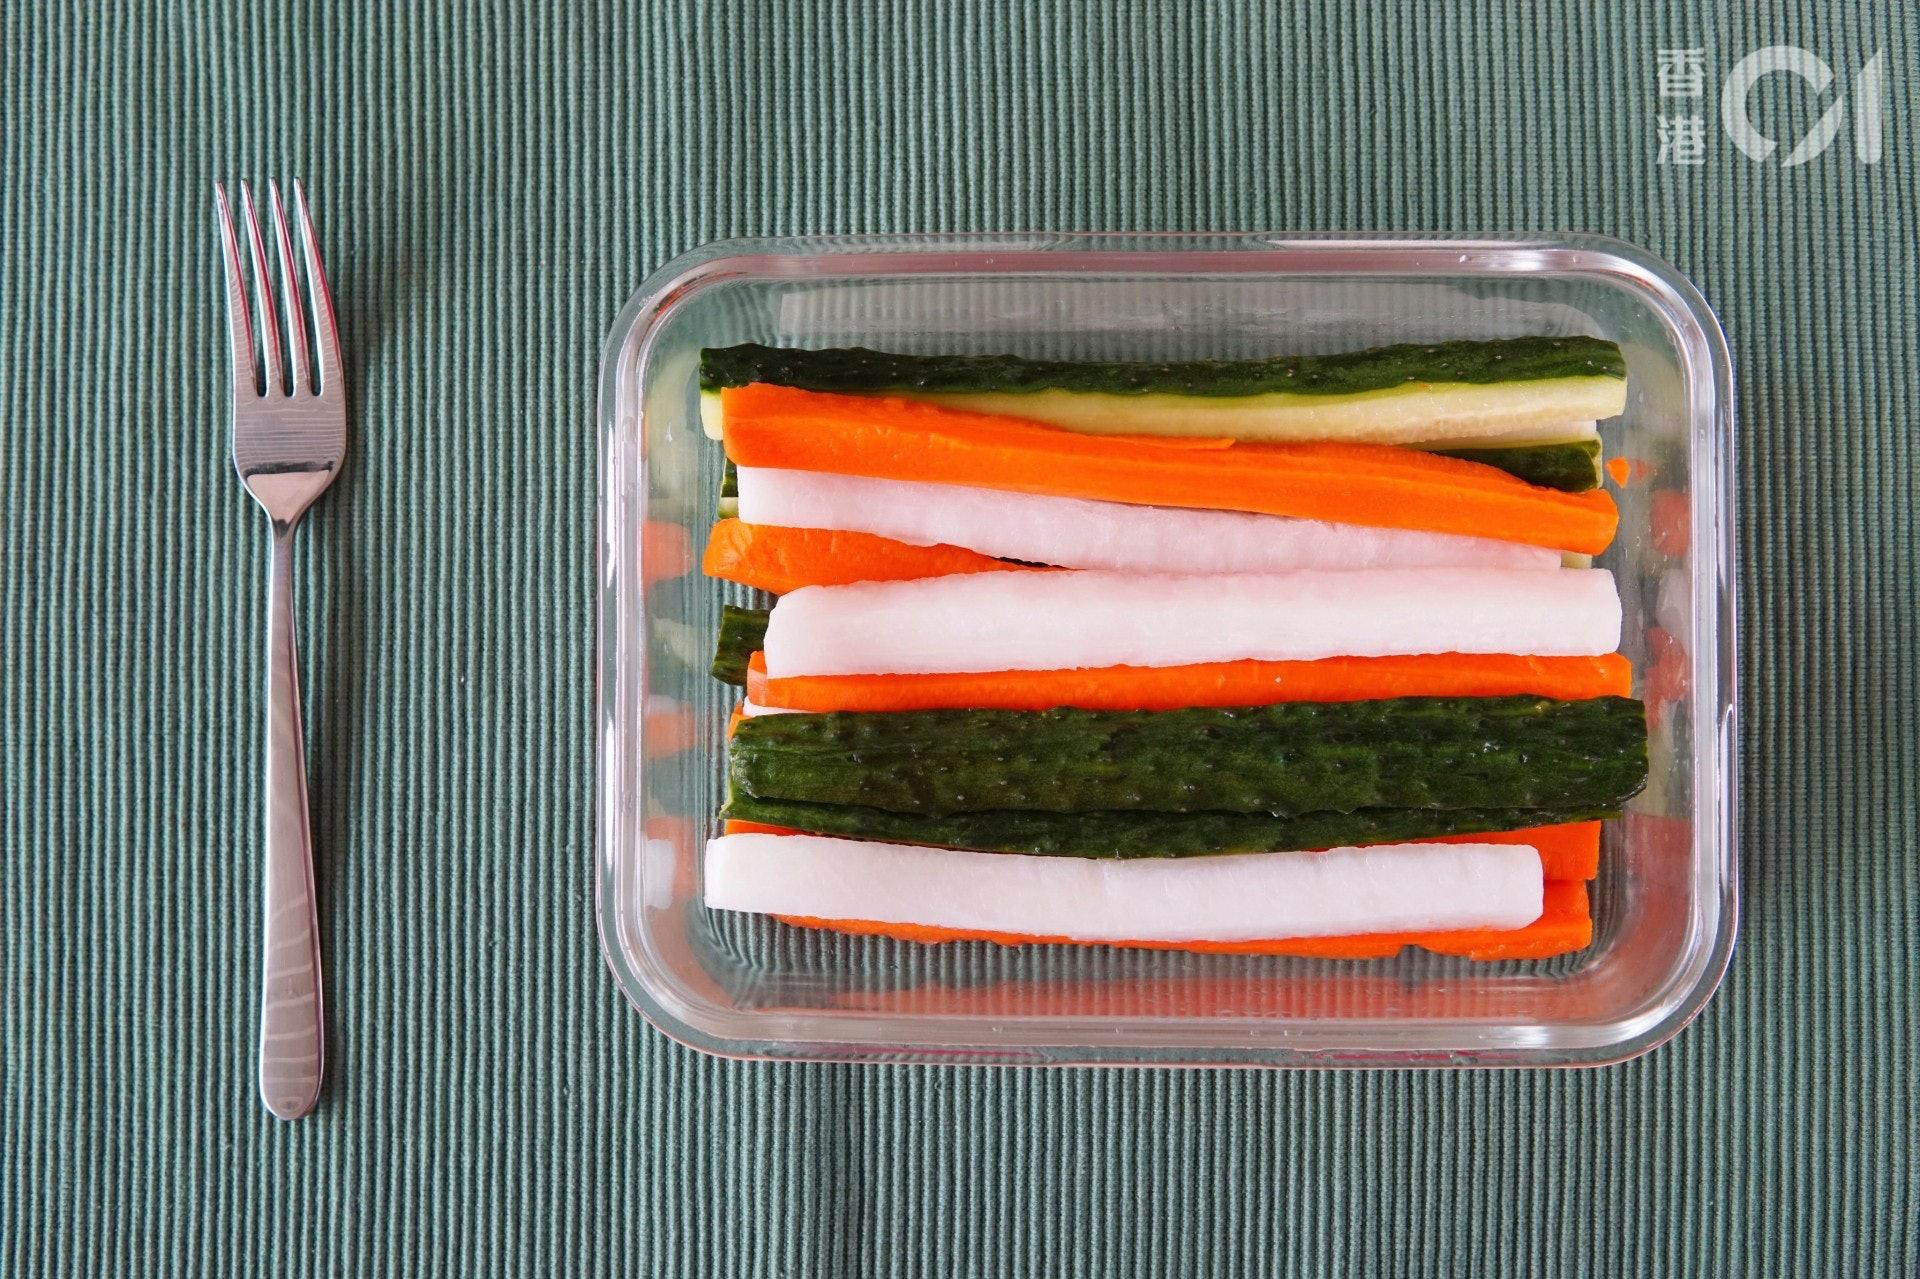 Lillian解釋,醋醃蔬菜的減肥功效不如想像中那麼神奇,更有機會反彈。